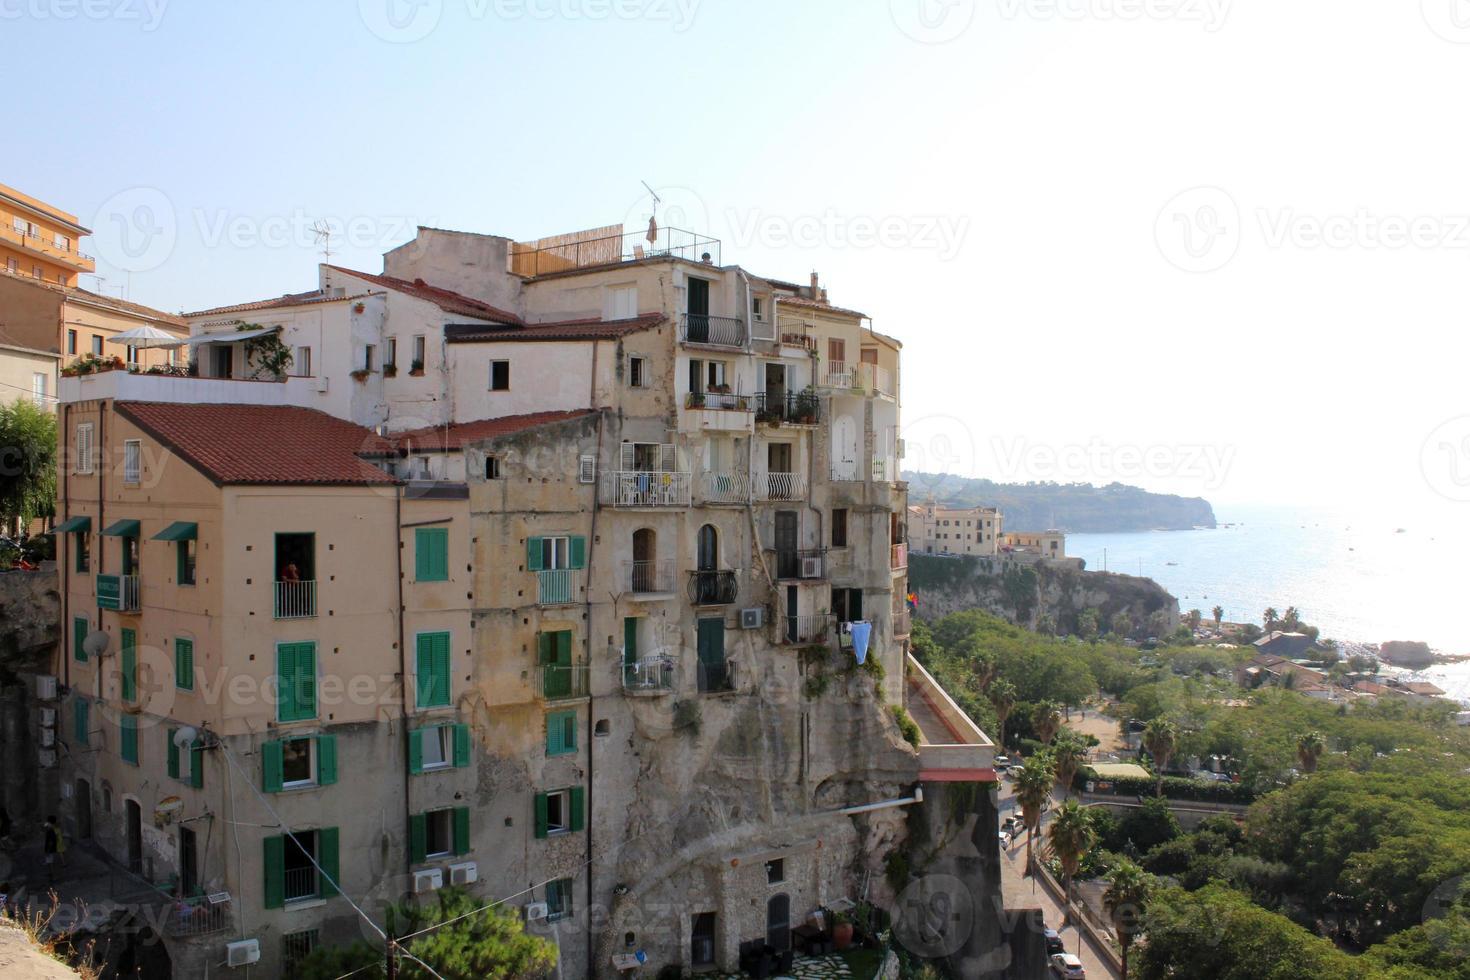 casas antiguas, tropea, sur de italia foto